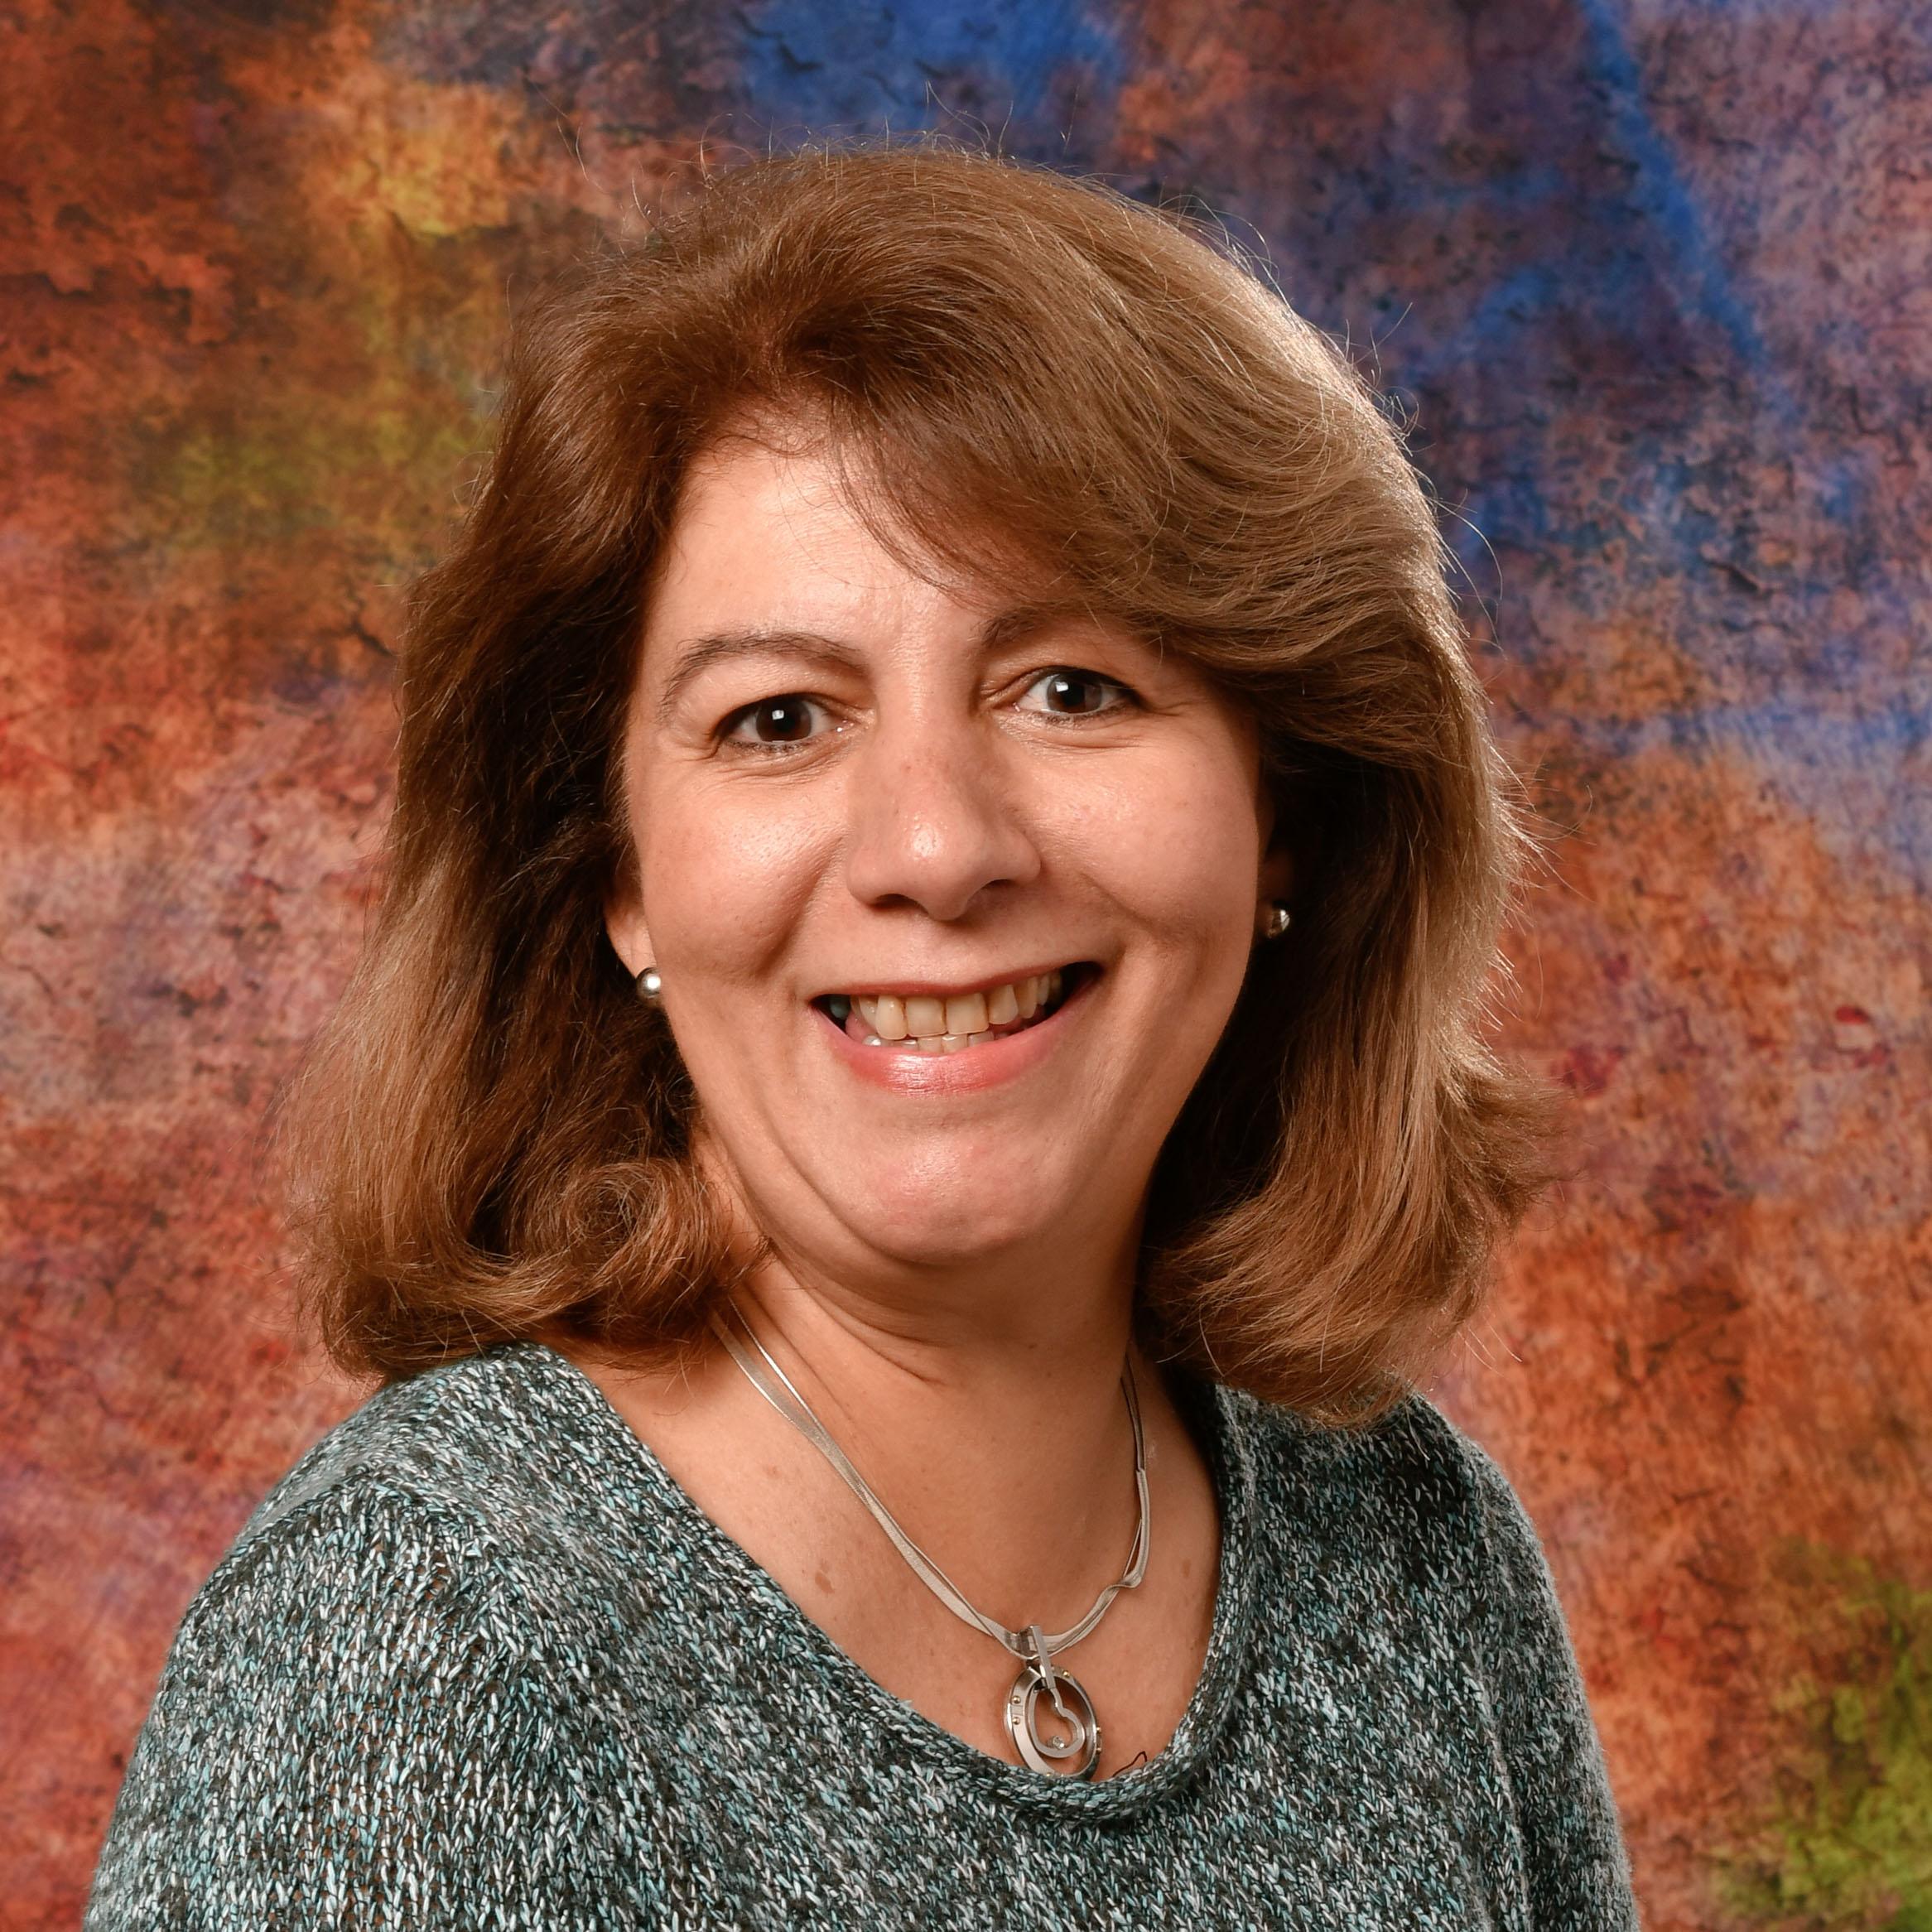 JacquelineRojas